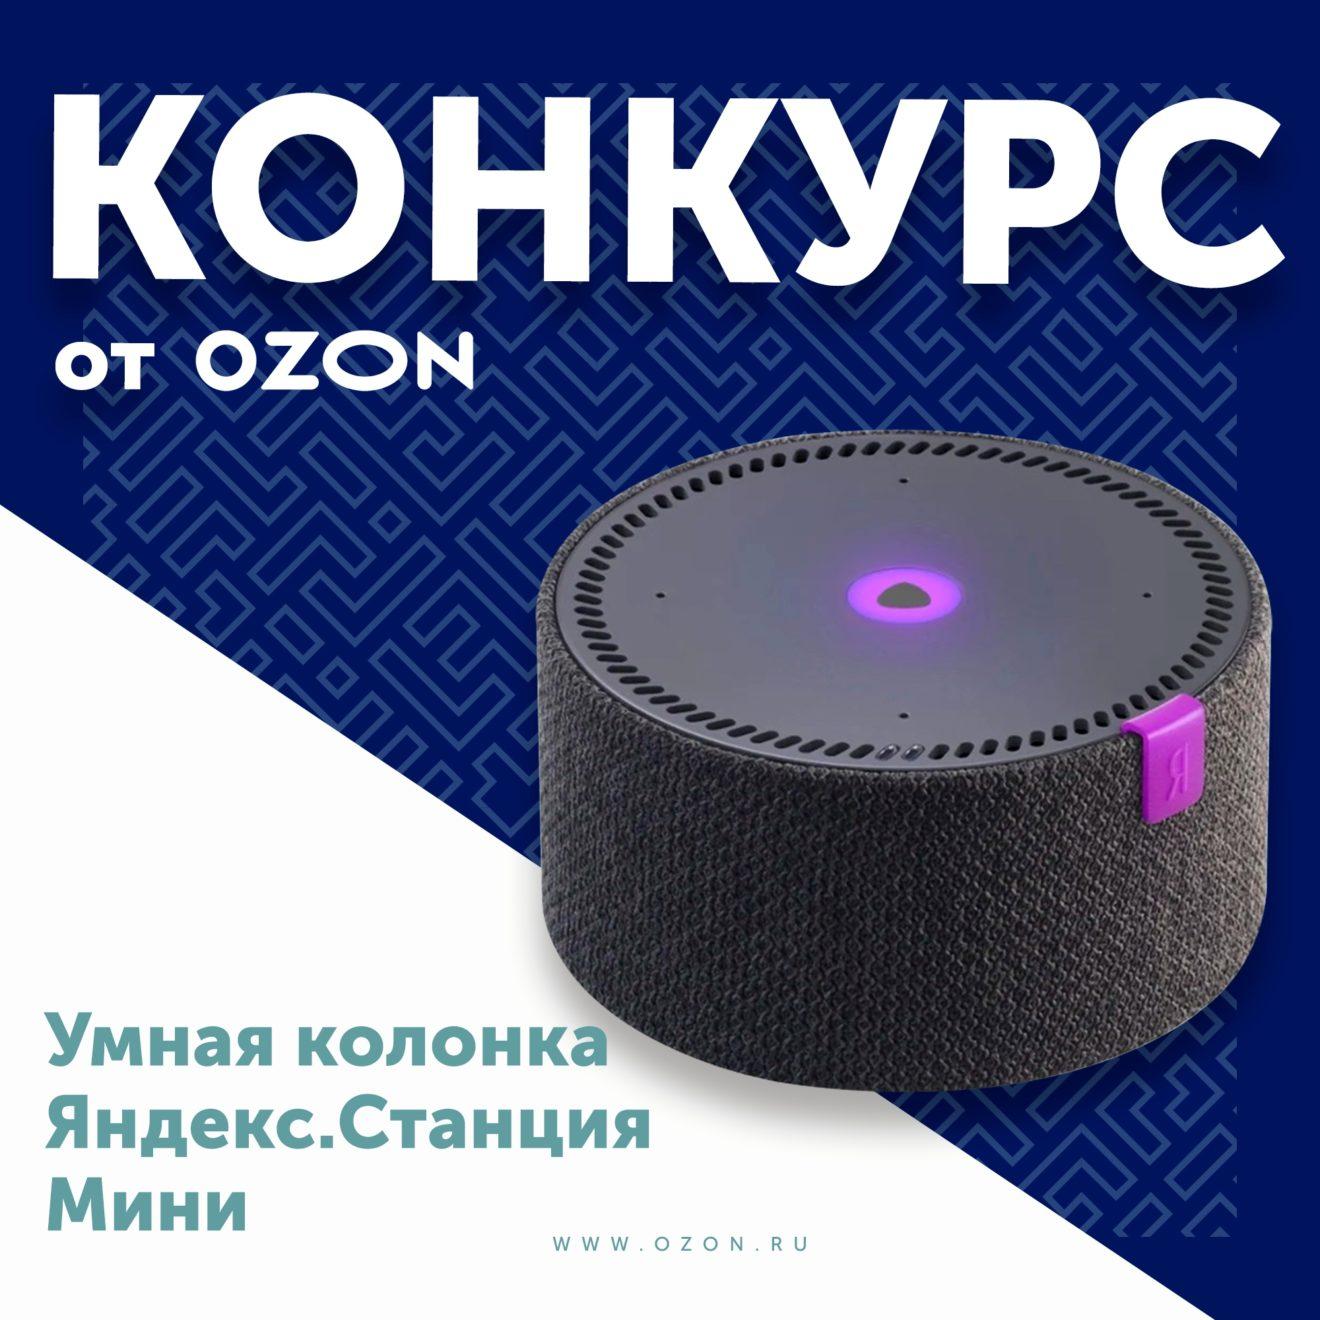 Выиграйте умную колонку Яндекс.Станция Мини